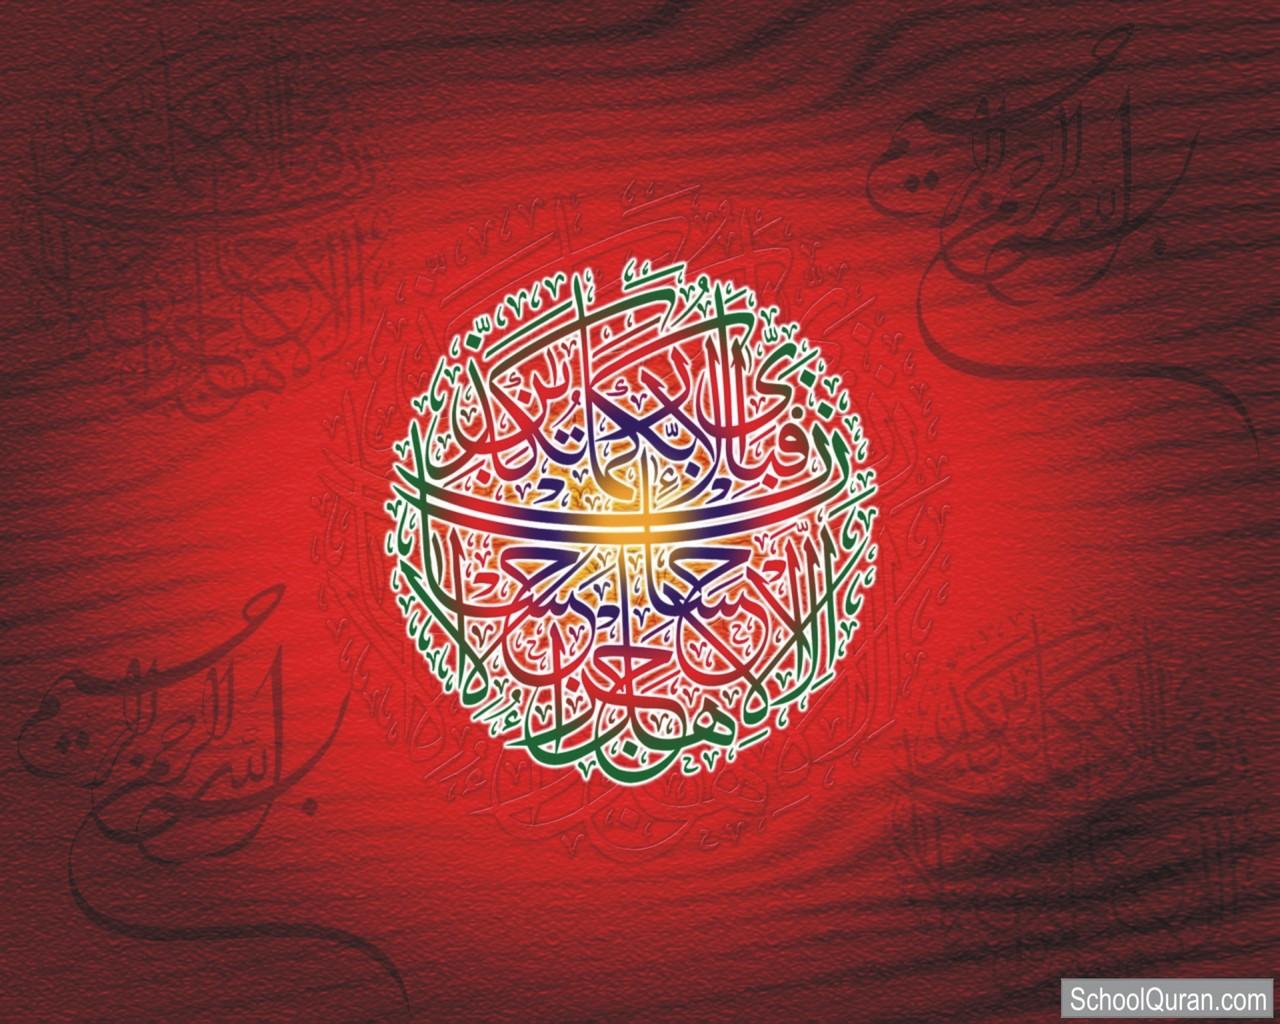 Www Wallpaper Com Free Download Hd Islamic Wallpapers Hd Islam Wallpaper Islamic